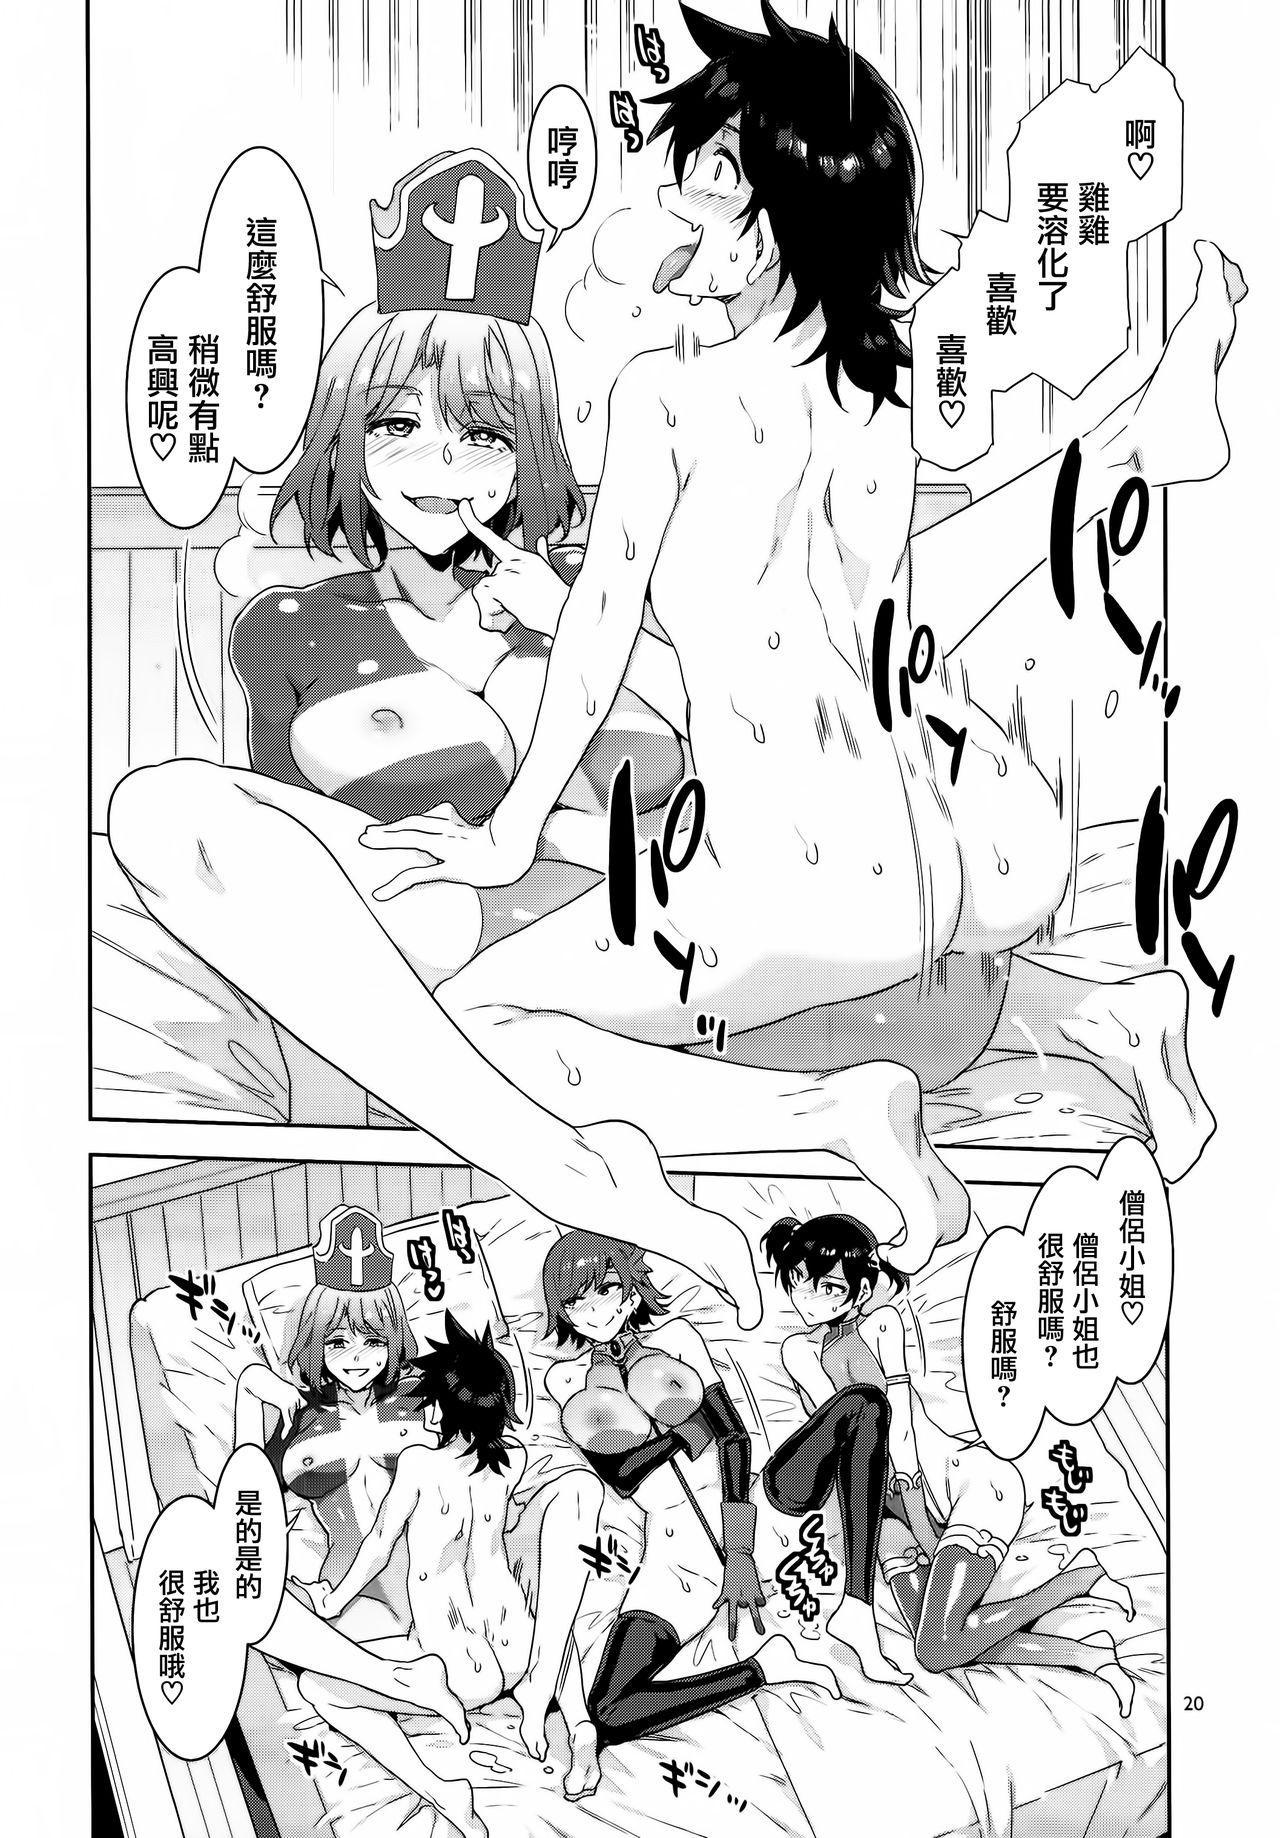 Seiyoku ni Shoujiki Sugiru Shota Yuusha 20